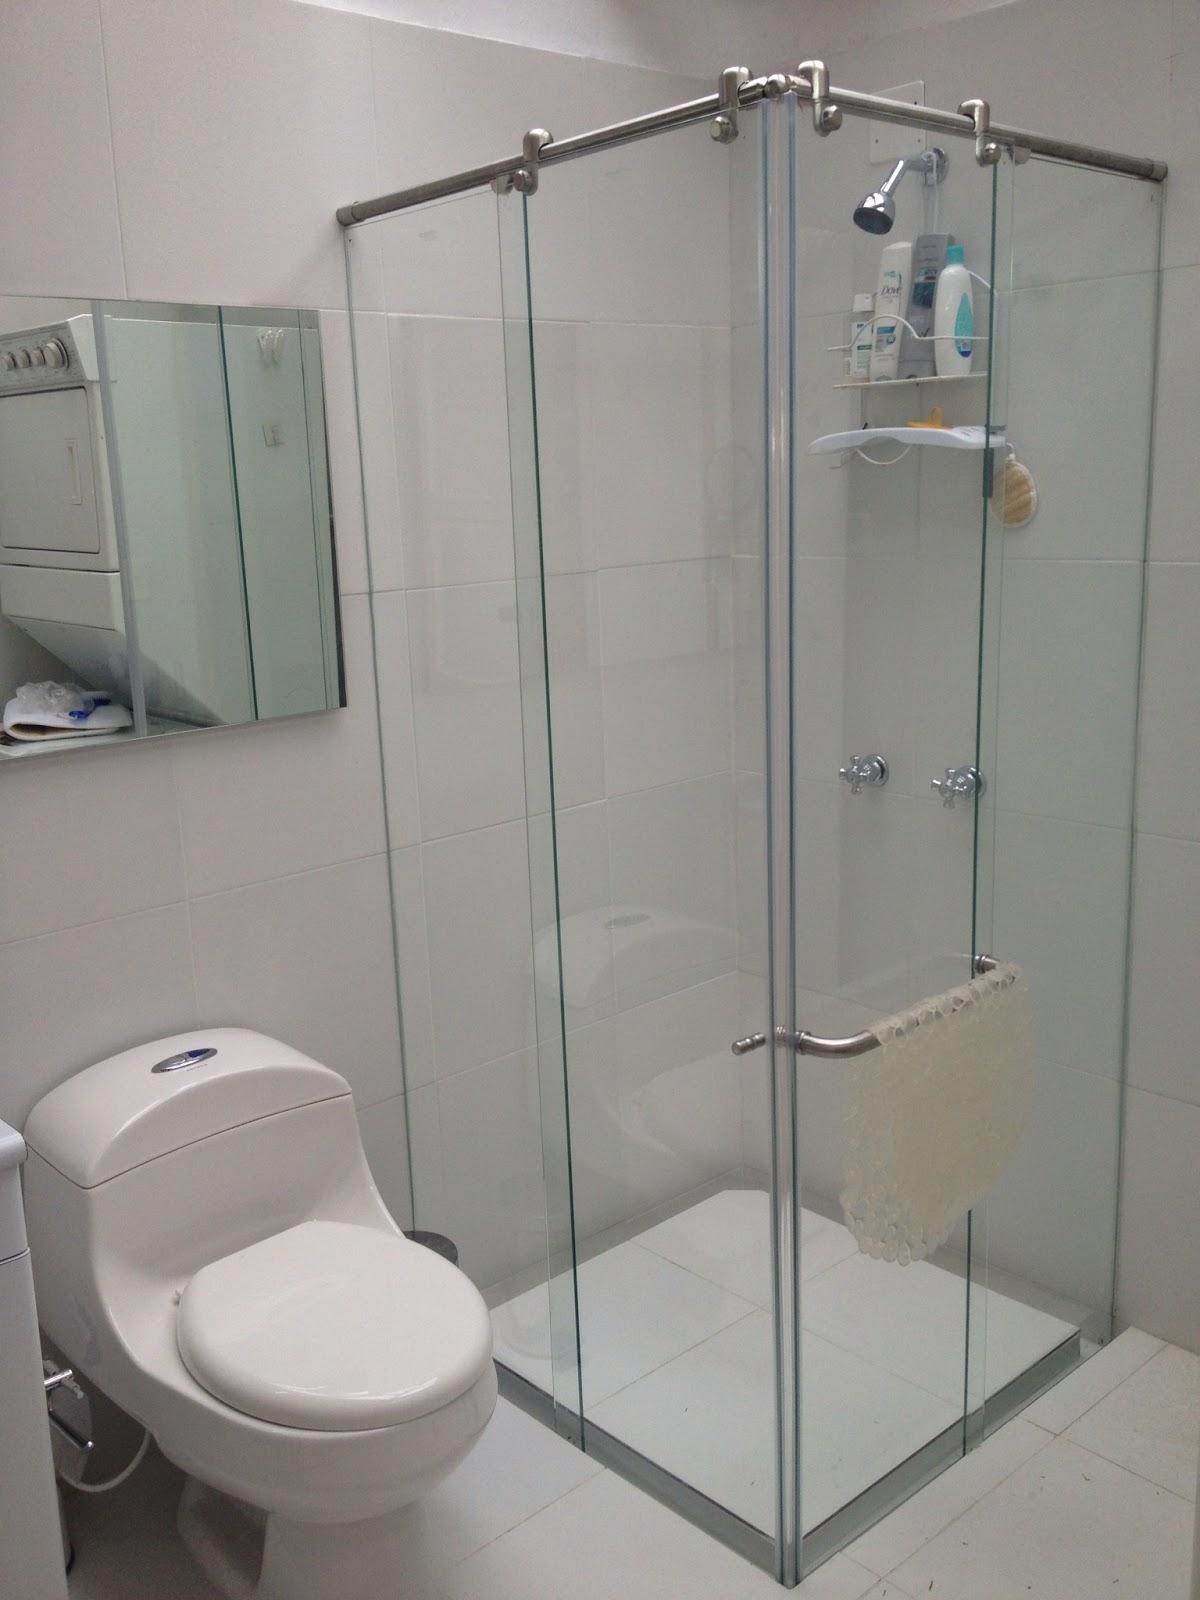 Cabinas De Baño Decoradas:PUERTAS EN VIDRIO – REFLECTA: Divisiones de bano o Mamparas de bano